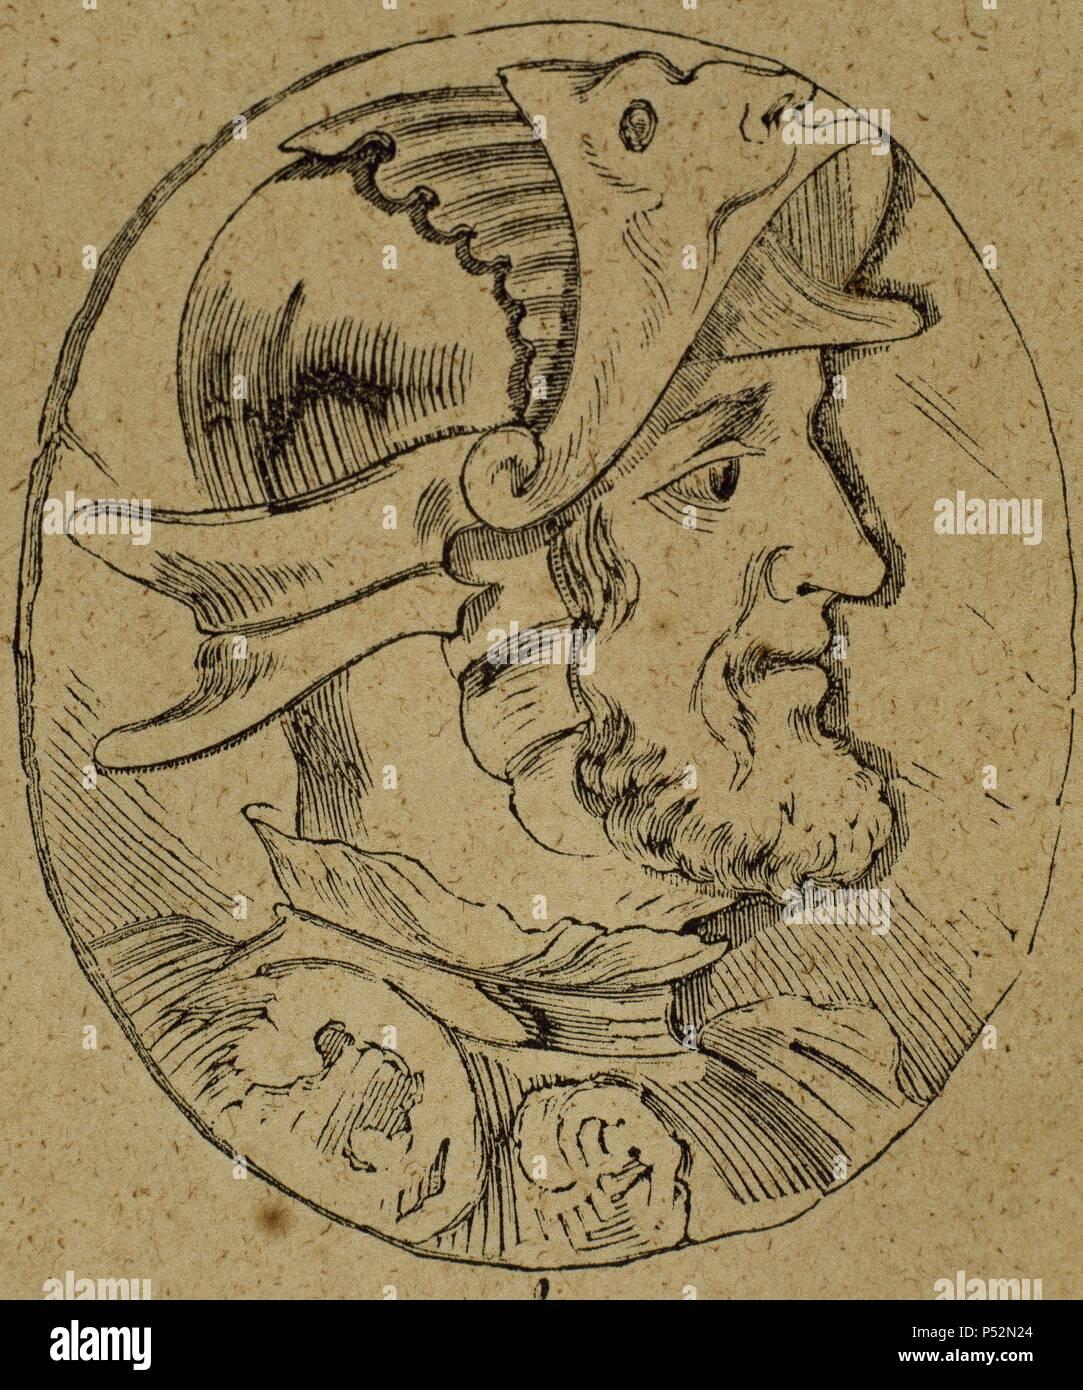 Sancho I De Leon (932-966). Roi de Leon (Espagne). Portrait. La gravure. Photo Stock